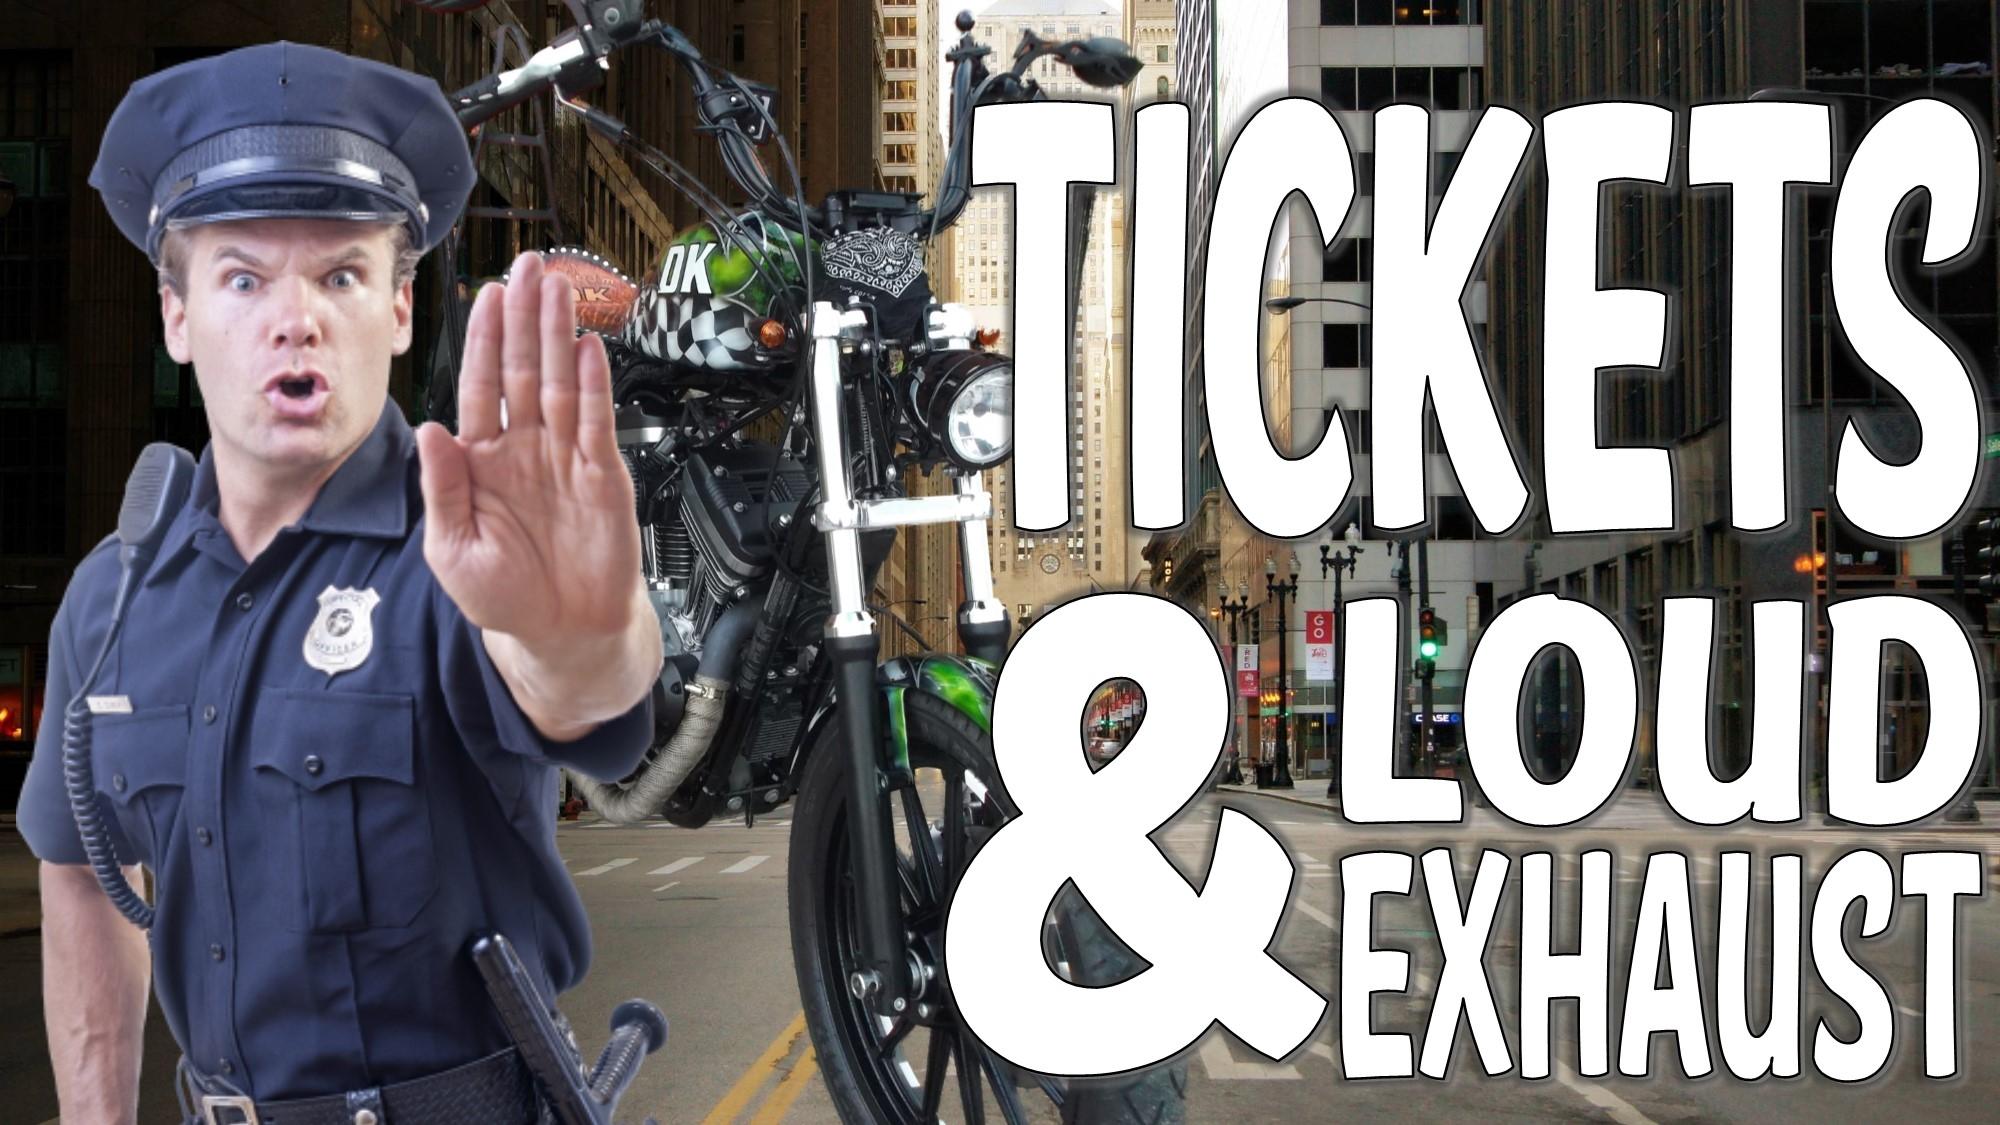 Tickets & Loud Exhaust